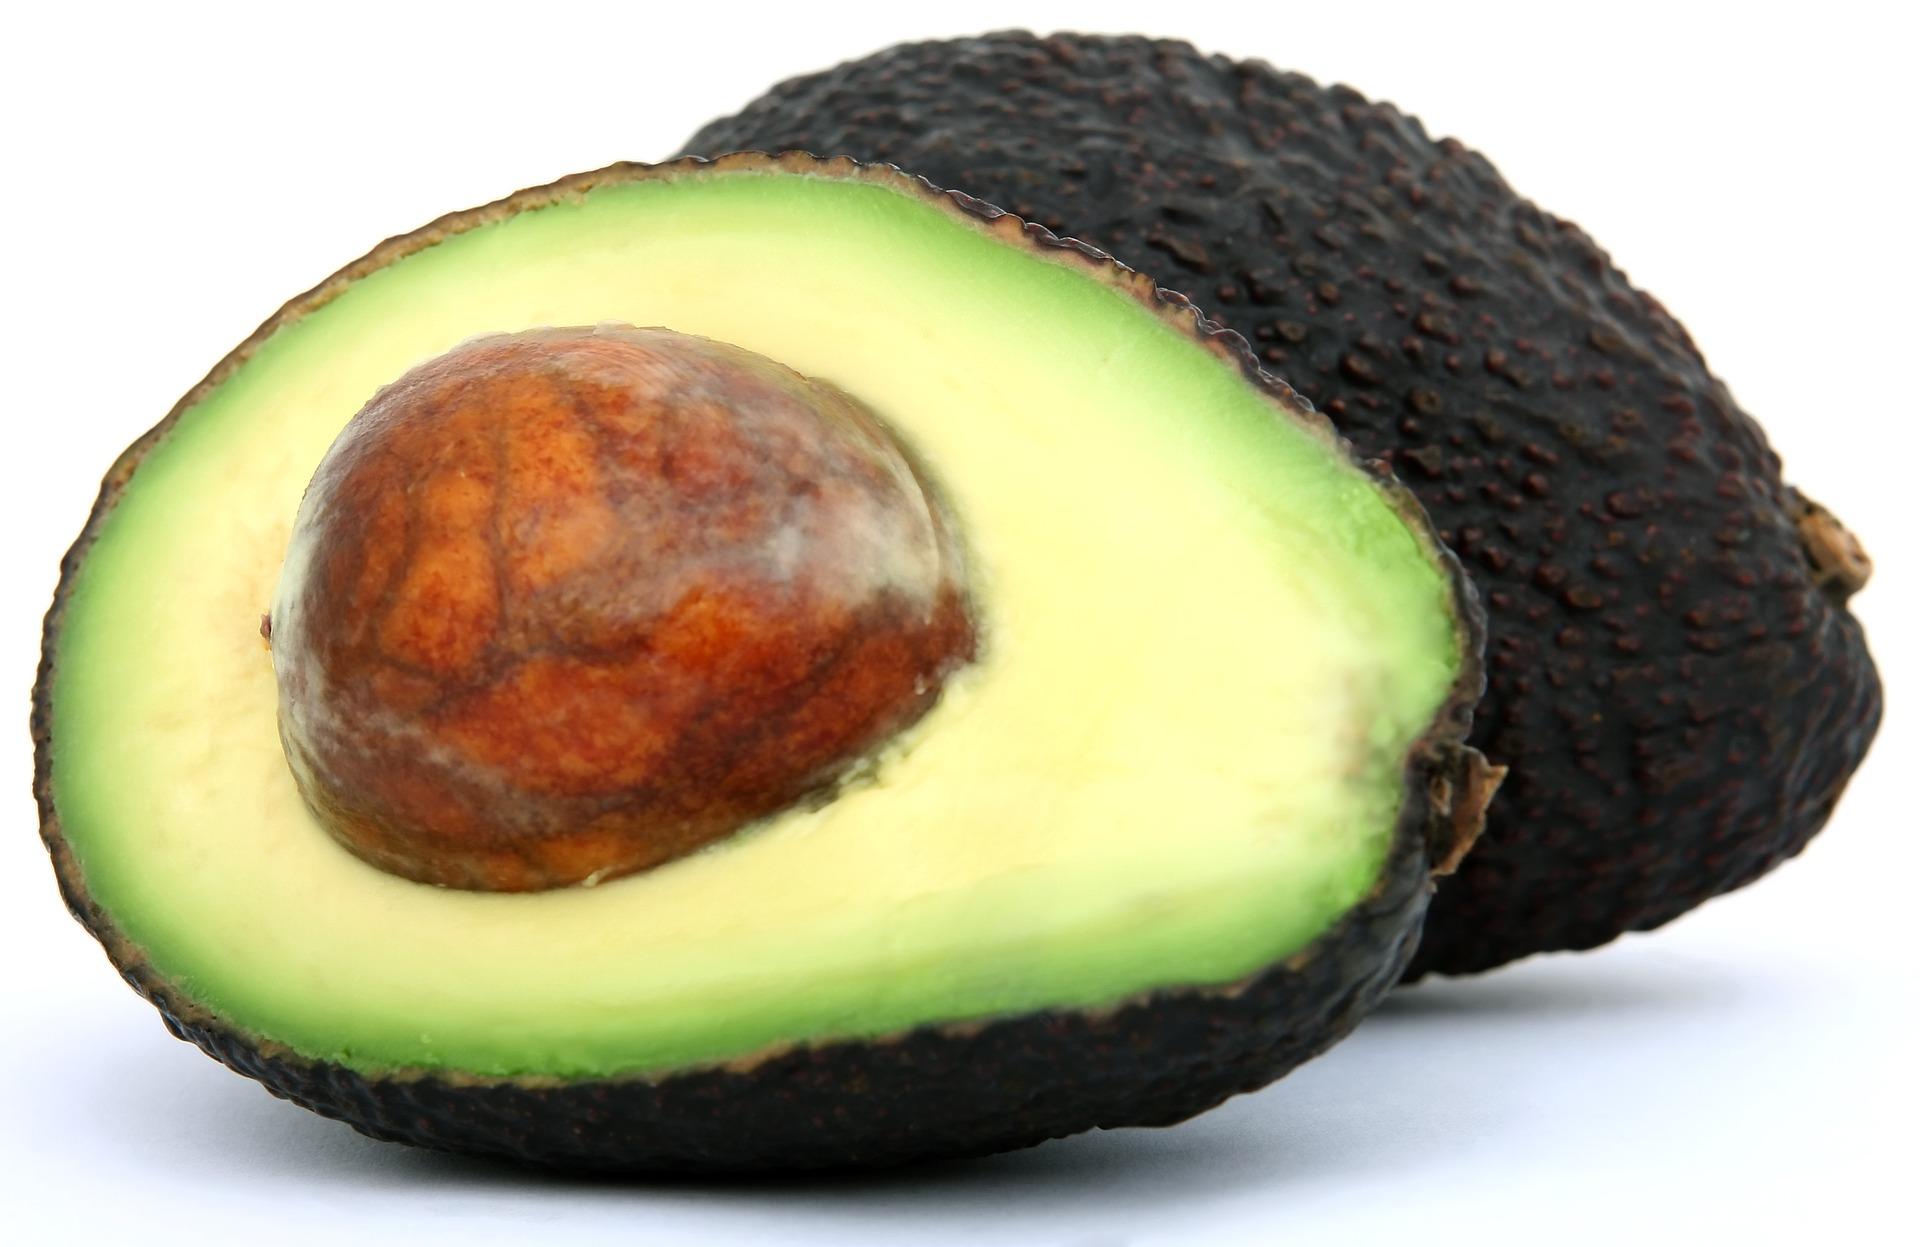 Amerikaanse Kroger biedt langer houdbare avocado's aan